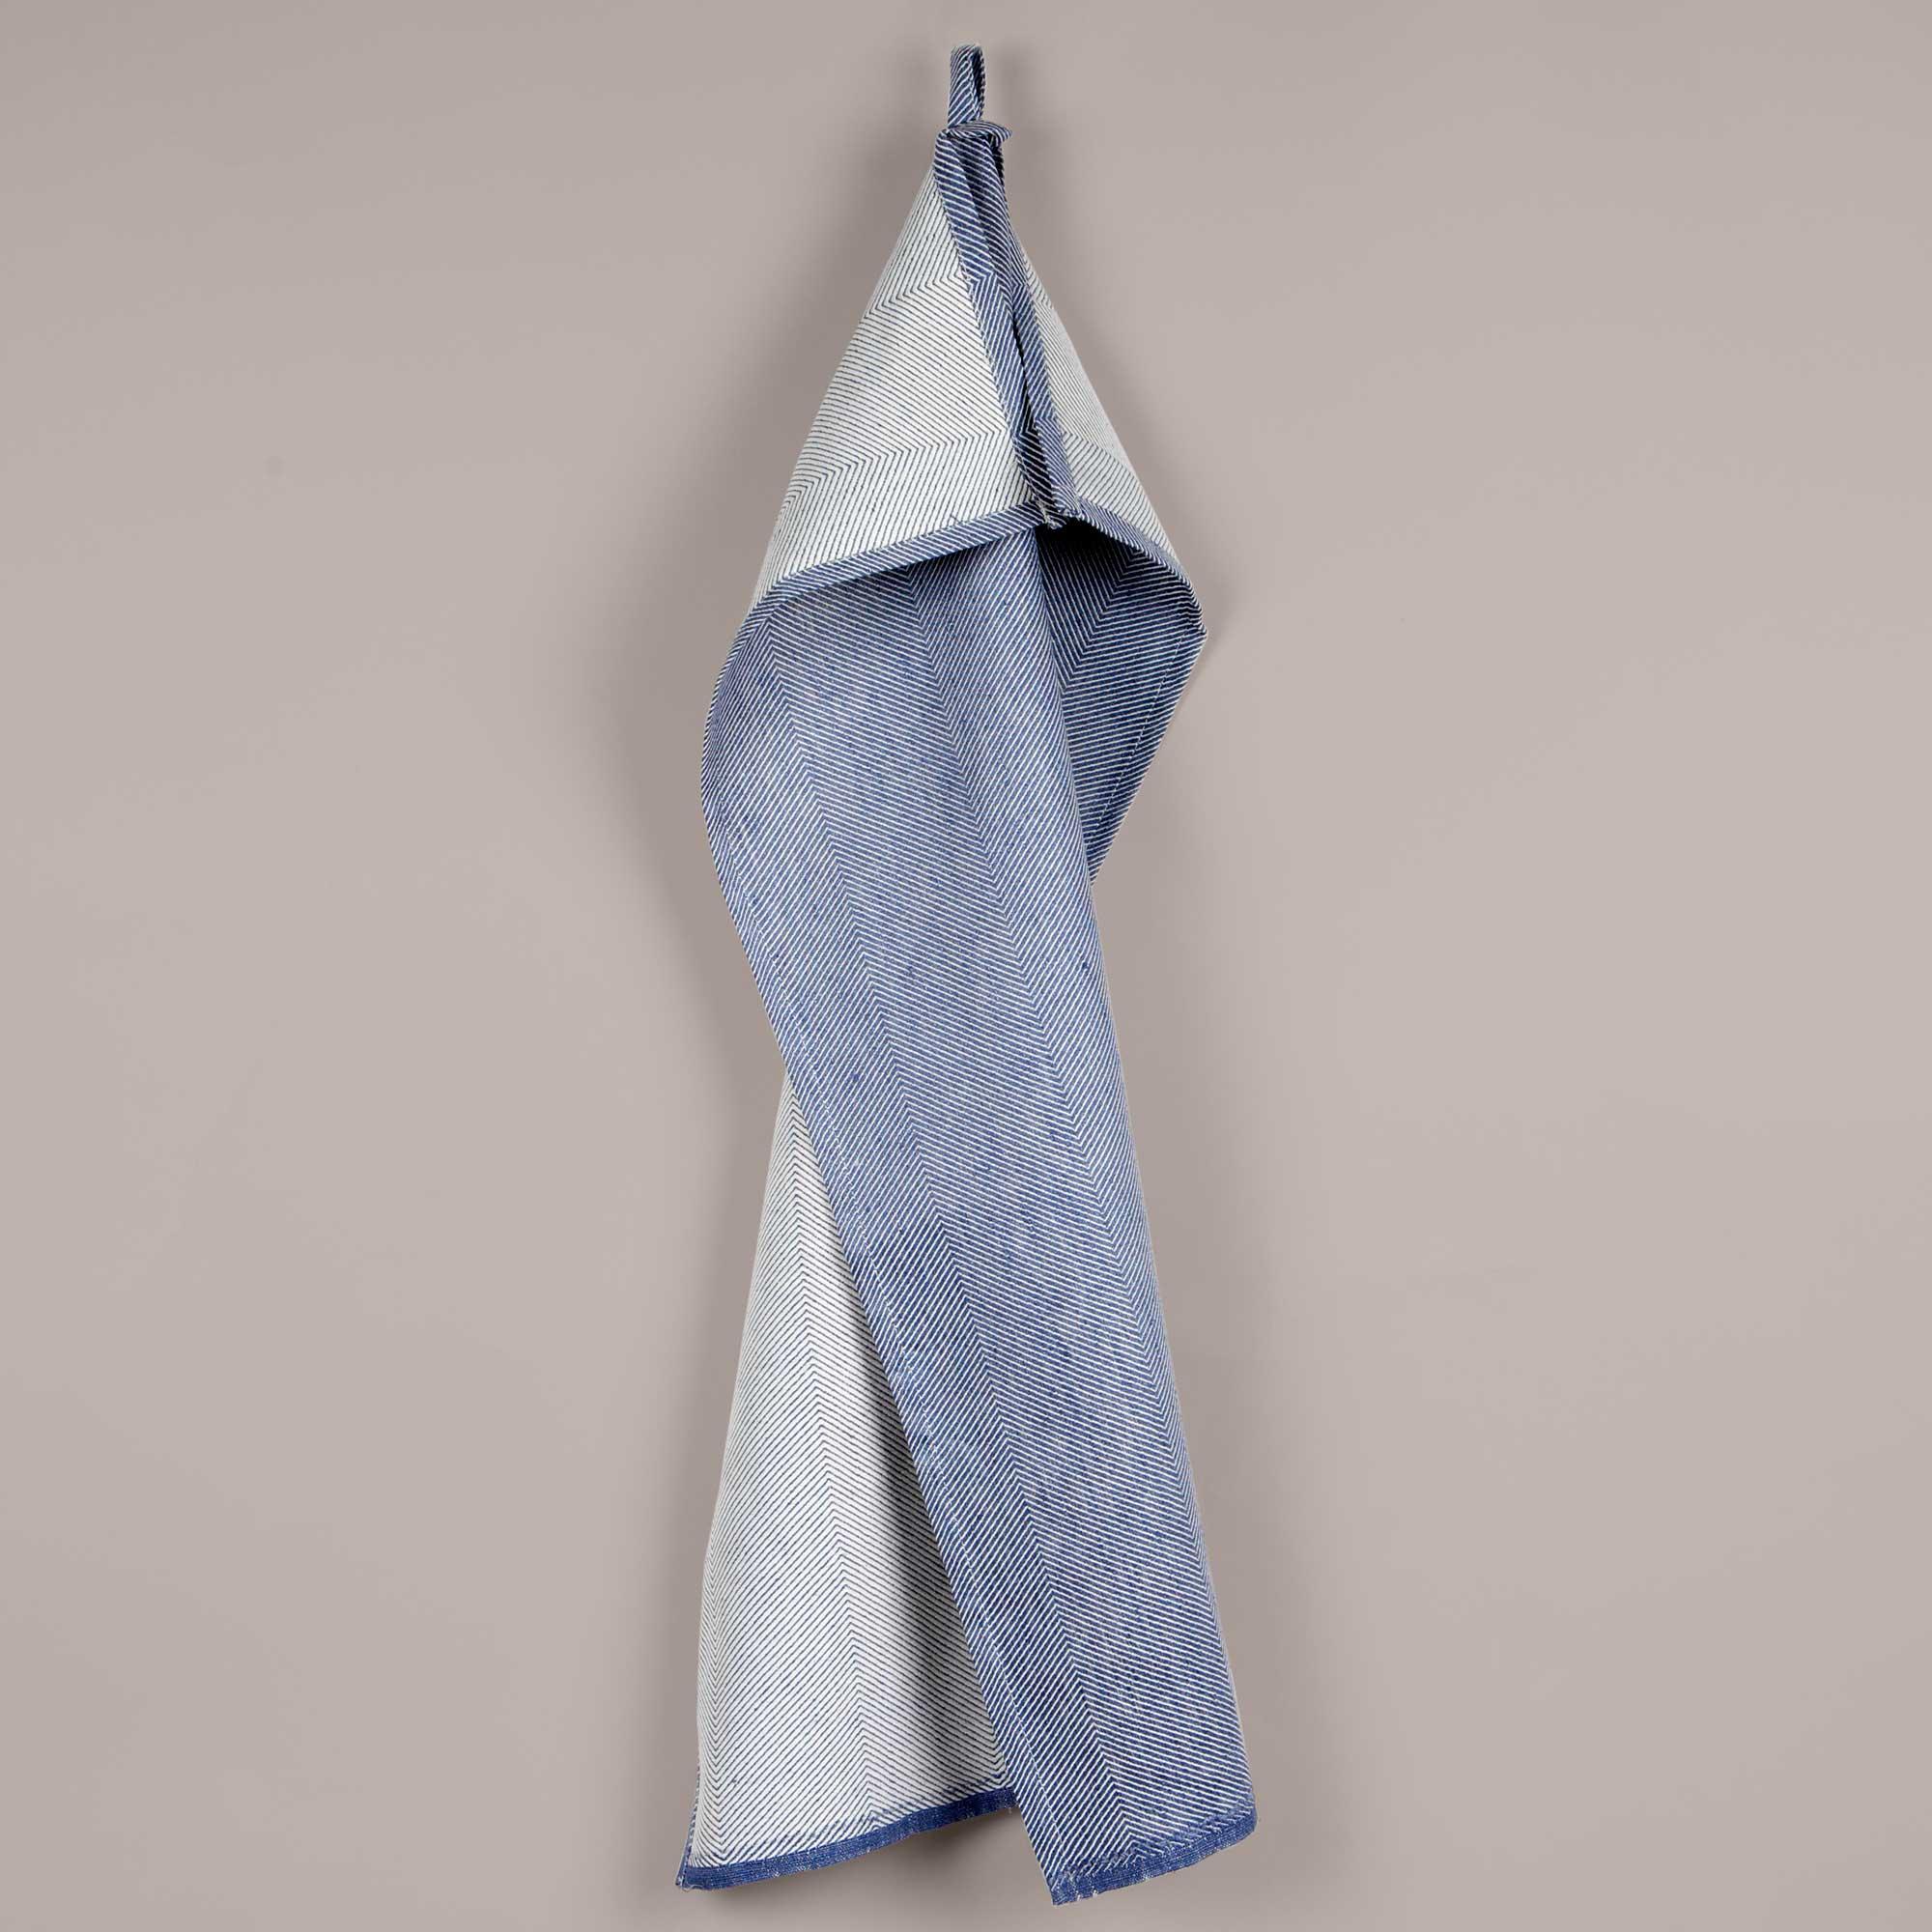 Tea towel, linen/cotton, indigo blue